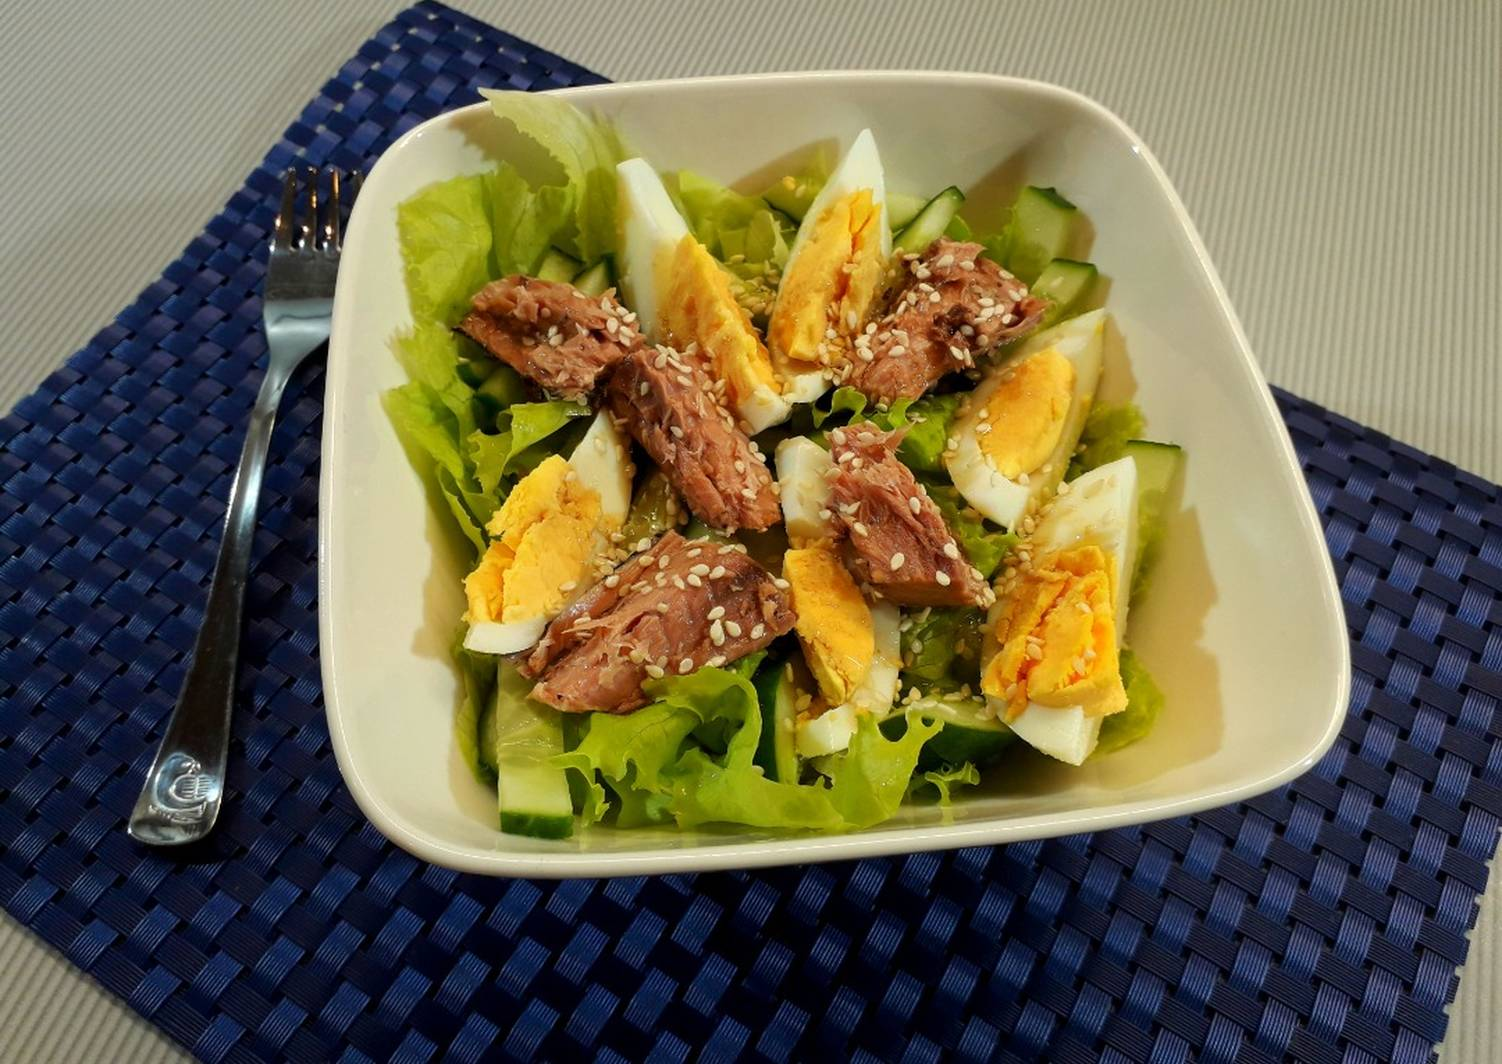 тунец салатный в масле рецепты с фото цепень человека